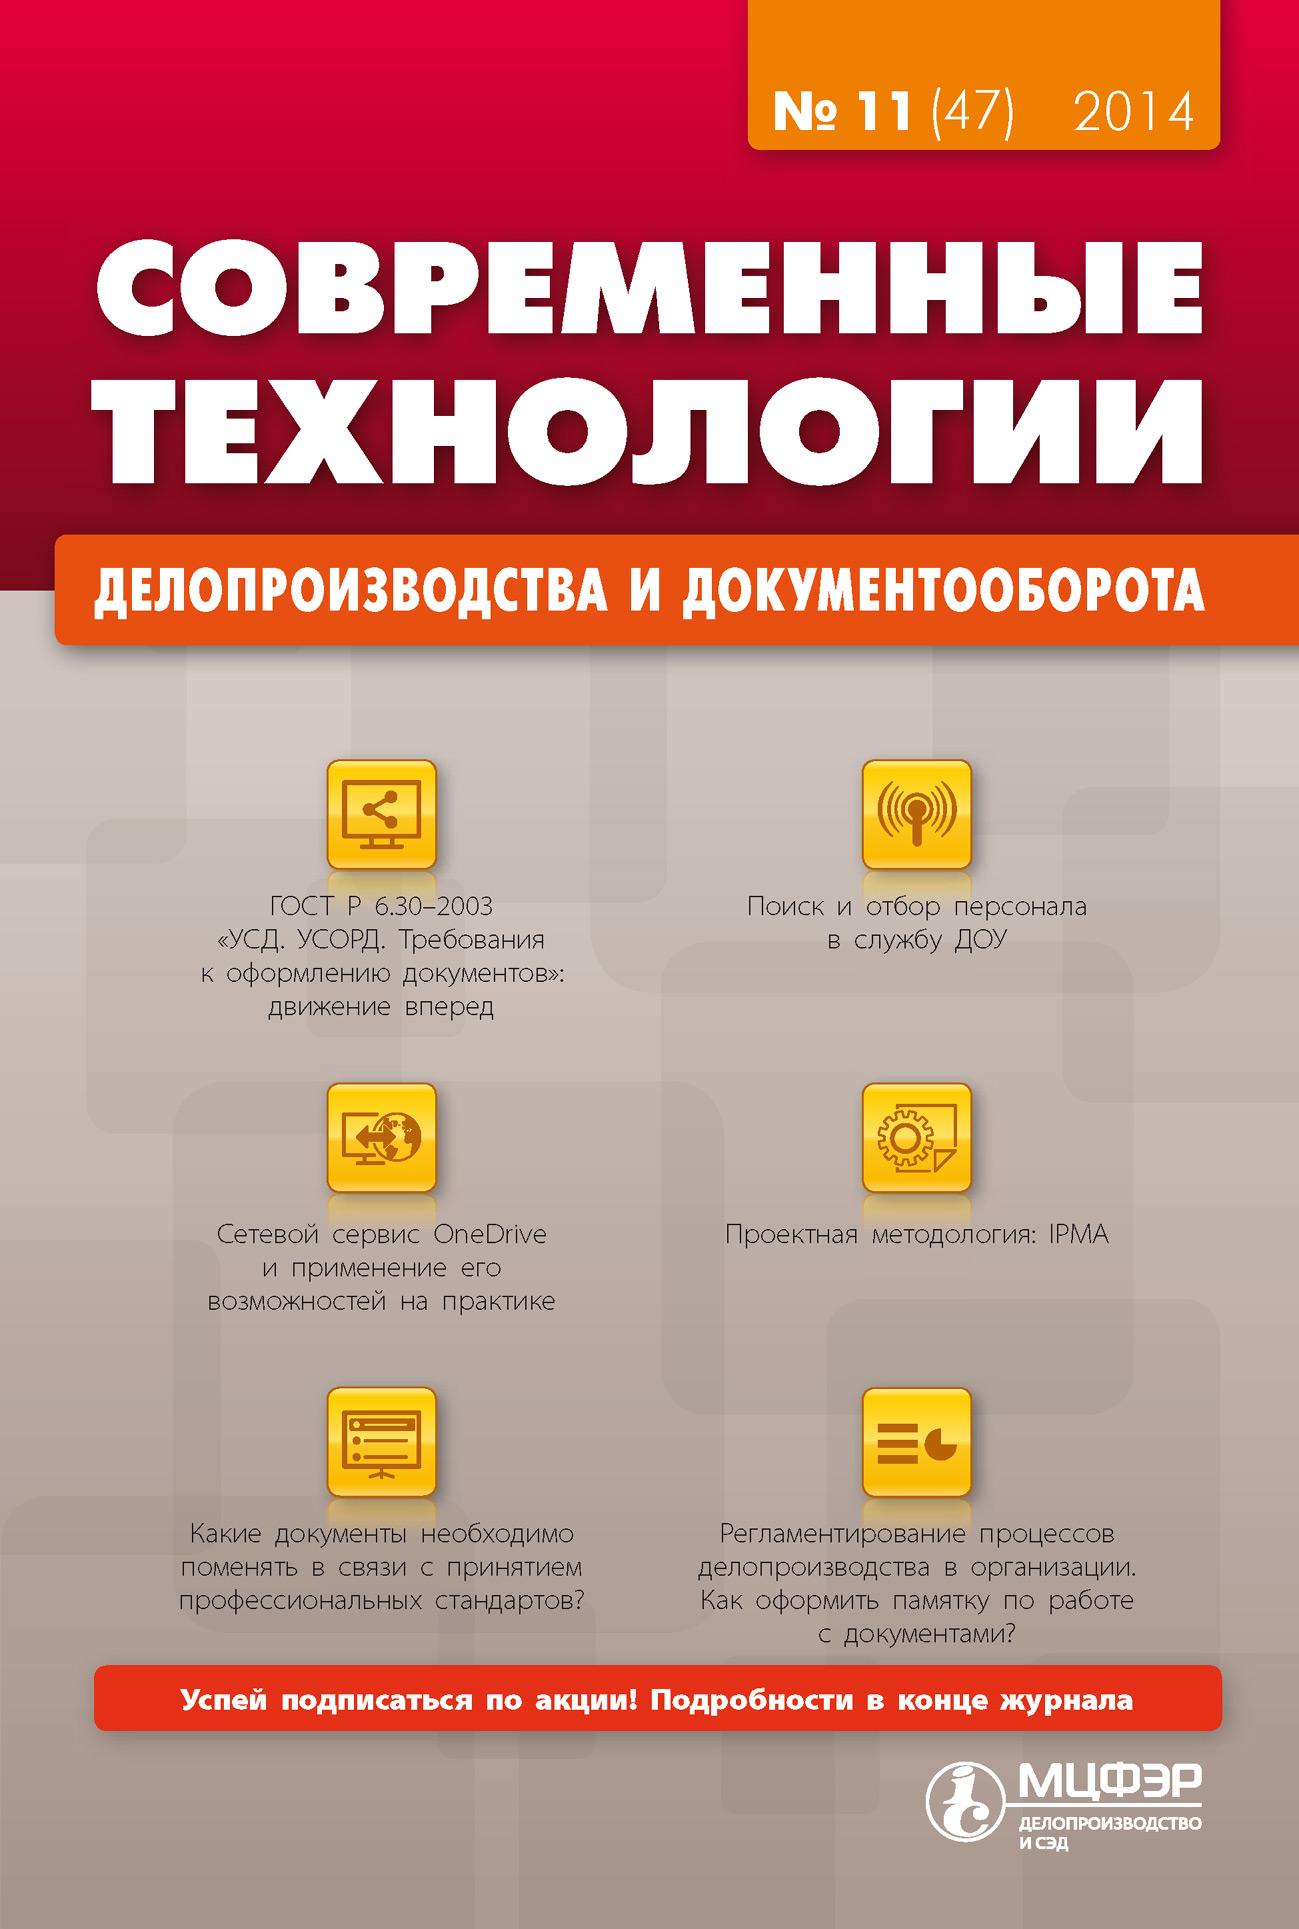 Отсутствует Современные технологии делопроизводства и документооборота № 11 47 2014